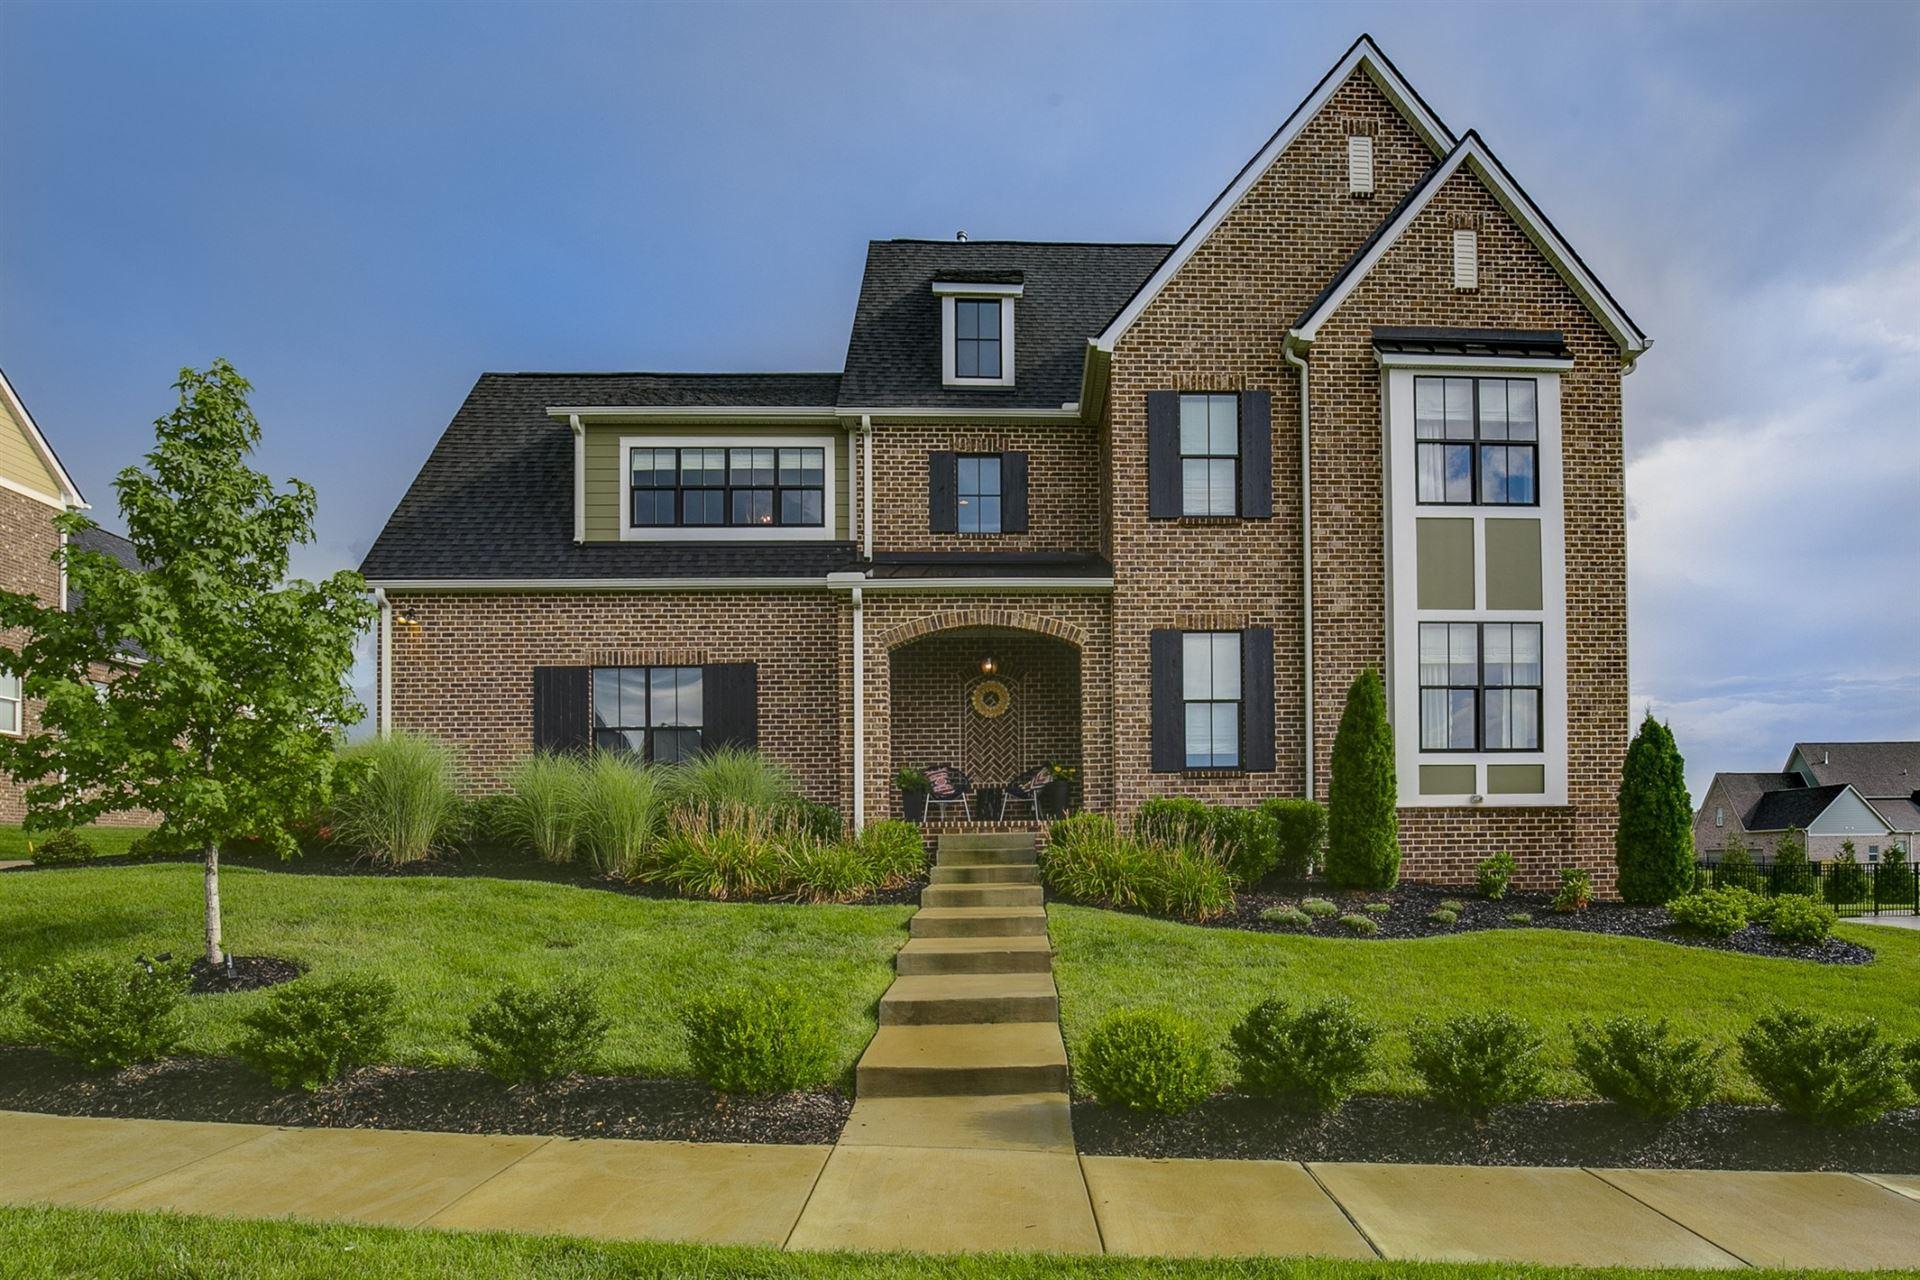 138 Vanner Rd, Mount Juliet, TN 37122 - MLS#: 2195775